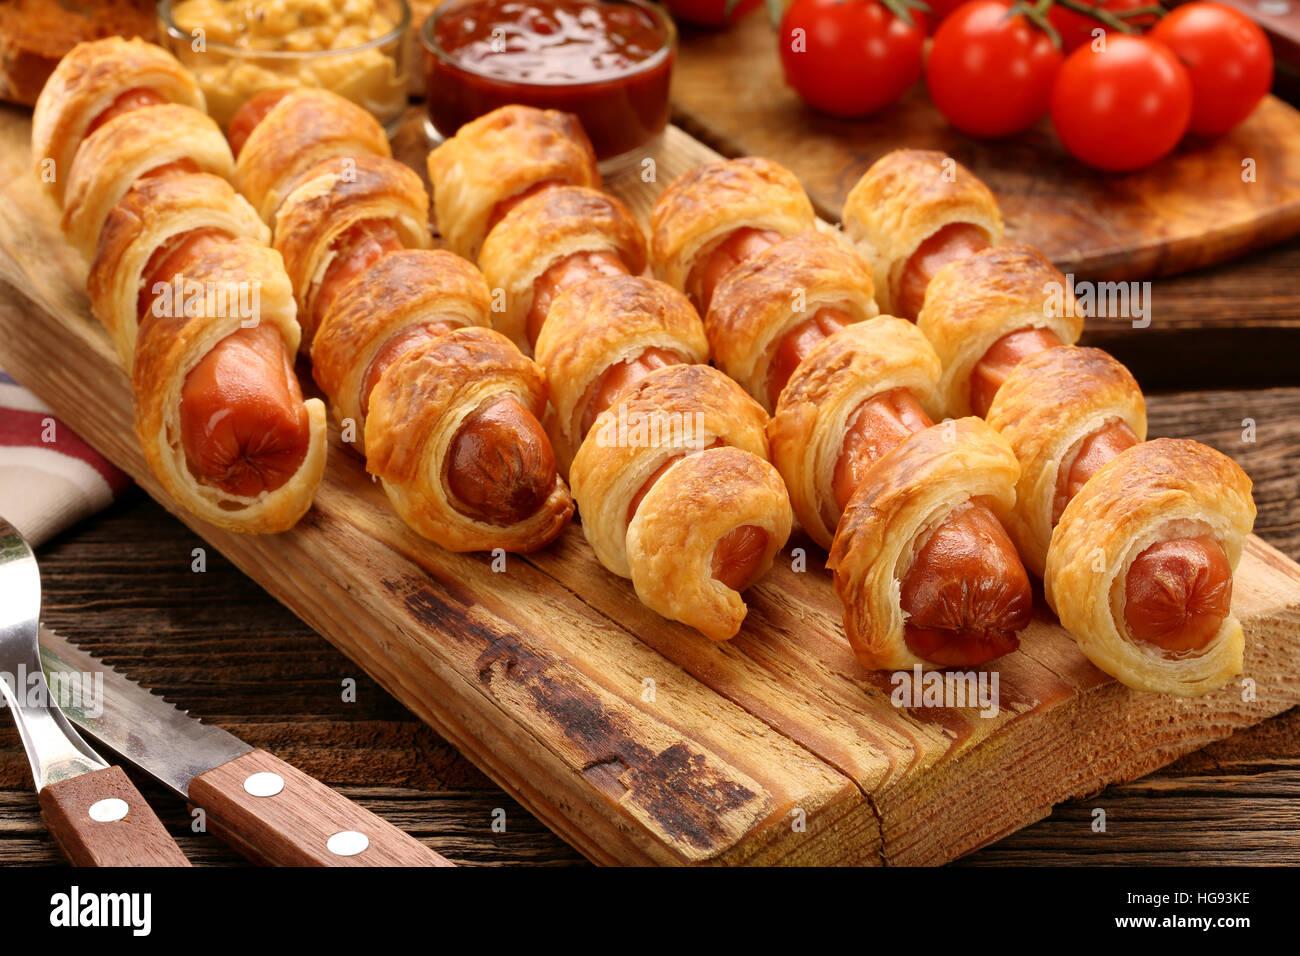 Laminati di hot dog salsicce cotto in pasta sfoglia su sfondo di legno Immagini Stock